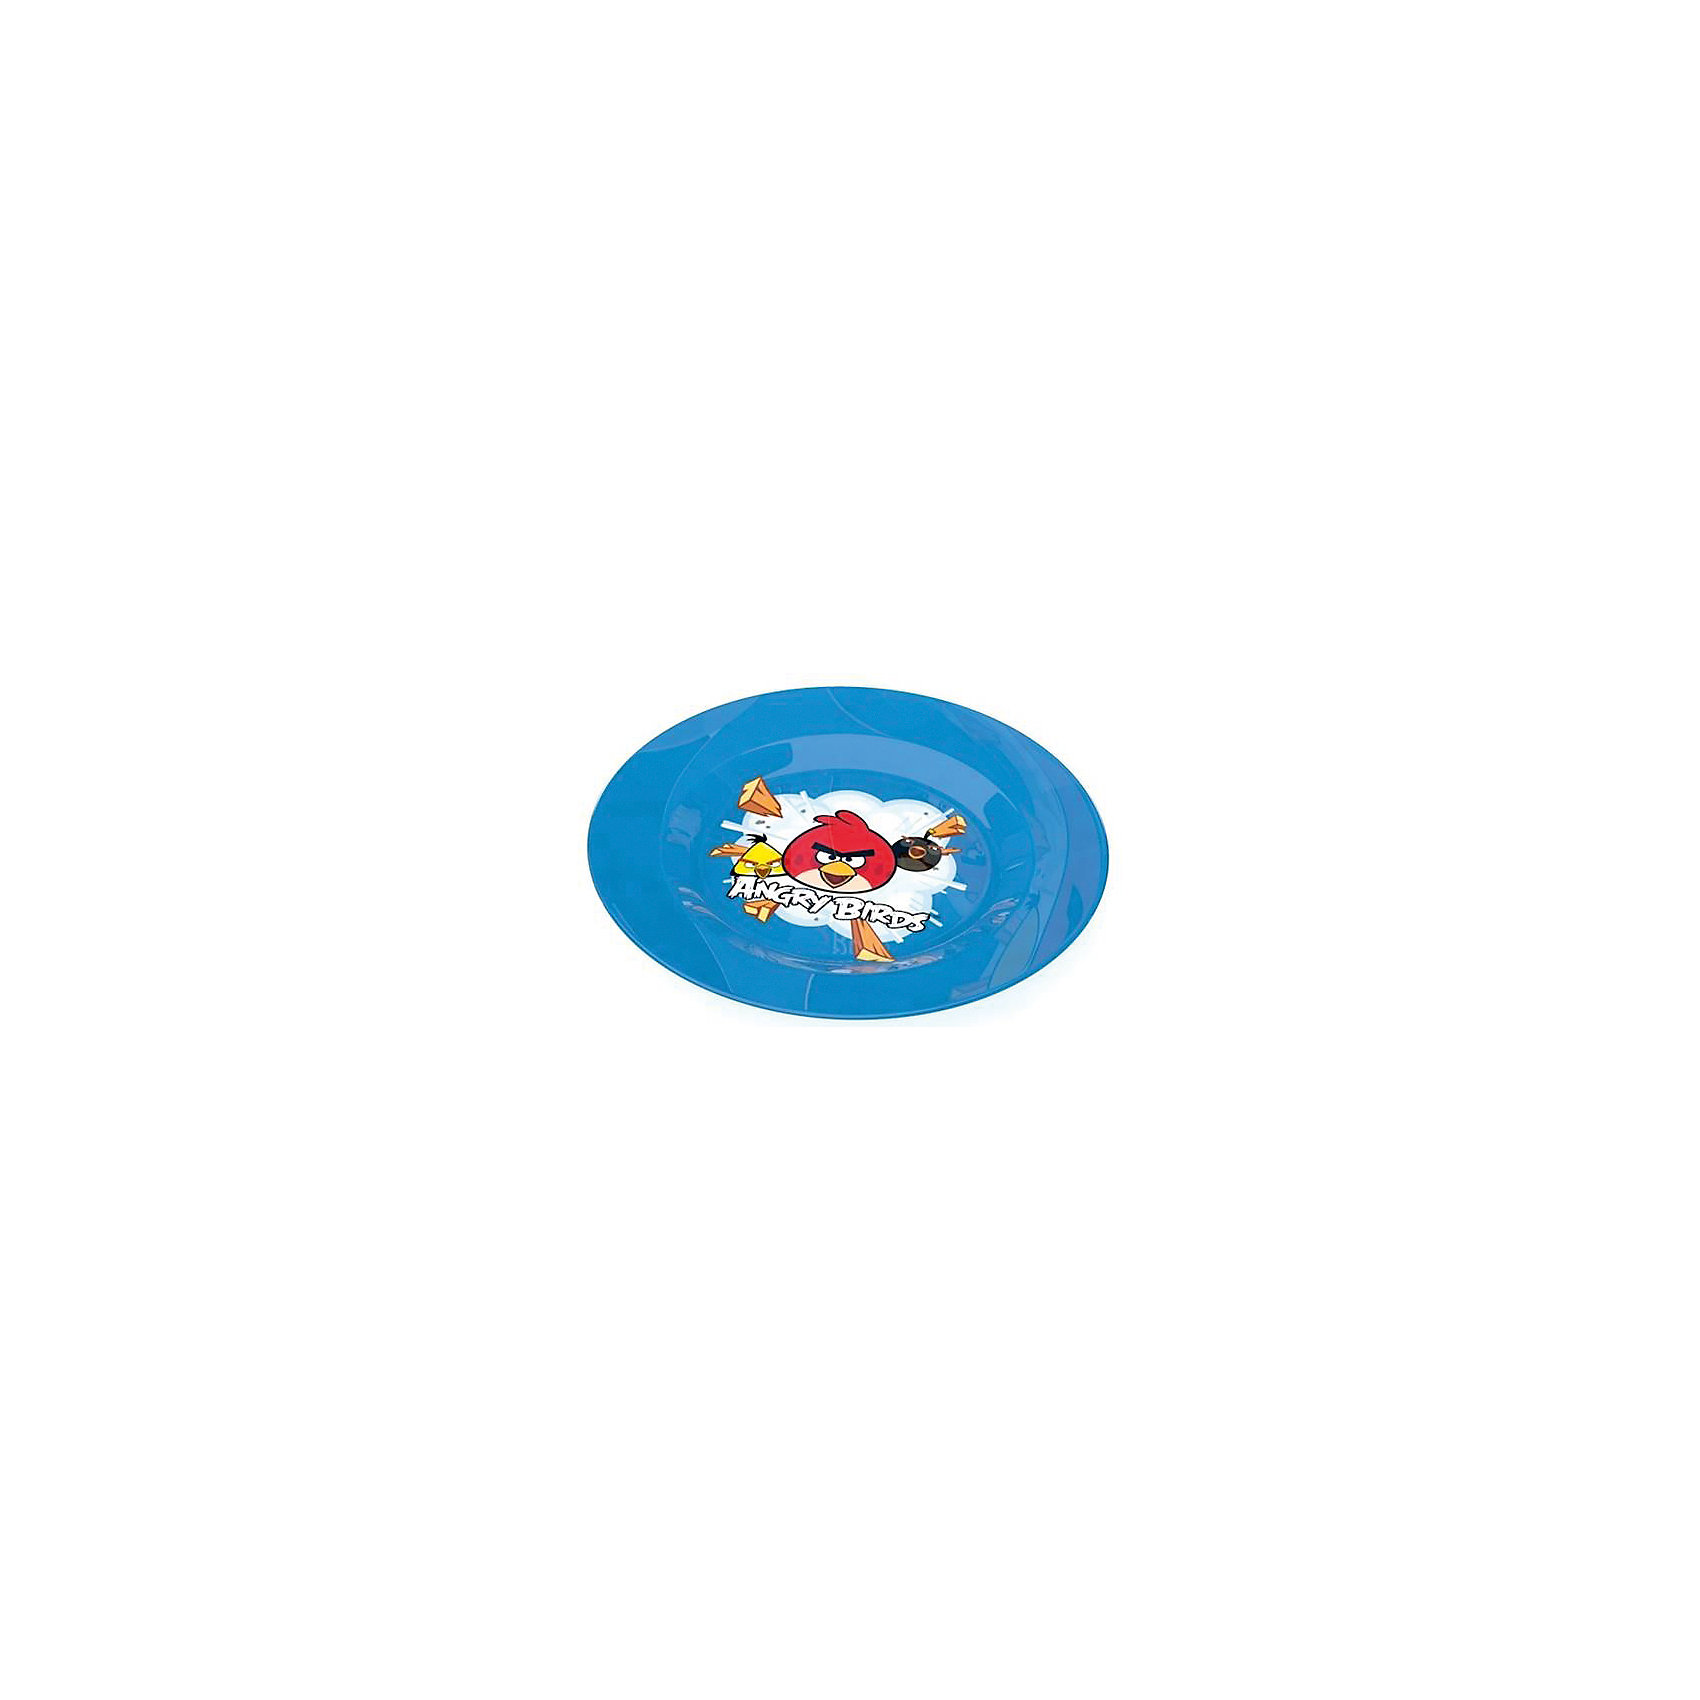 Тарелка, Angry BirdsЯркая посуда с изображениями любимых героев - залог отличного настроения и аппетита! Тарелка Angry Birds выполнена из прочного высококачественного стекла, в производстве которого использованы только экологичные красители безопасные для детей. <br><br>Дополнительная информация:<br><br>- Материал: стекло.<br>- Диаметр: 19,5 см. <br><br>Тарелка, Angry Birds (Энгри Бердз), можно купить в нашем магазине.<br><br>Ширина мм: 195<br>Глубина мм: 195<br>Высота мм: 20<br>Вес г: 250<br>Возраст от месяцев: 36<br>Возраст до месяцев: 144<br>Пол: Унисекс<br>Возраст: Детский<br>SKU: 4761390